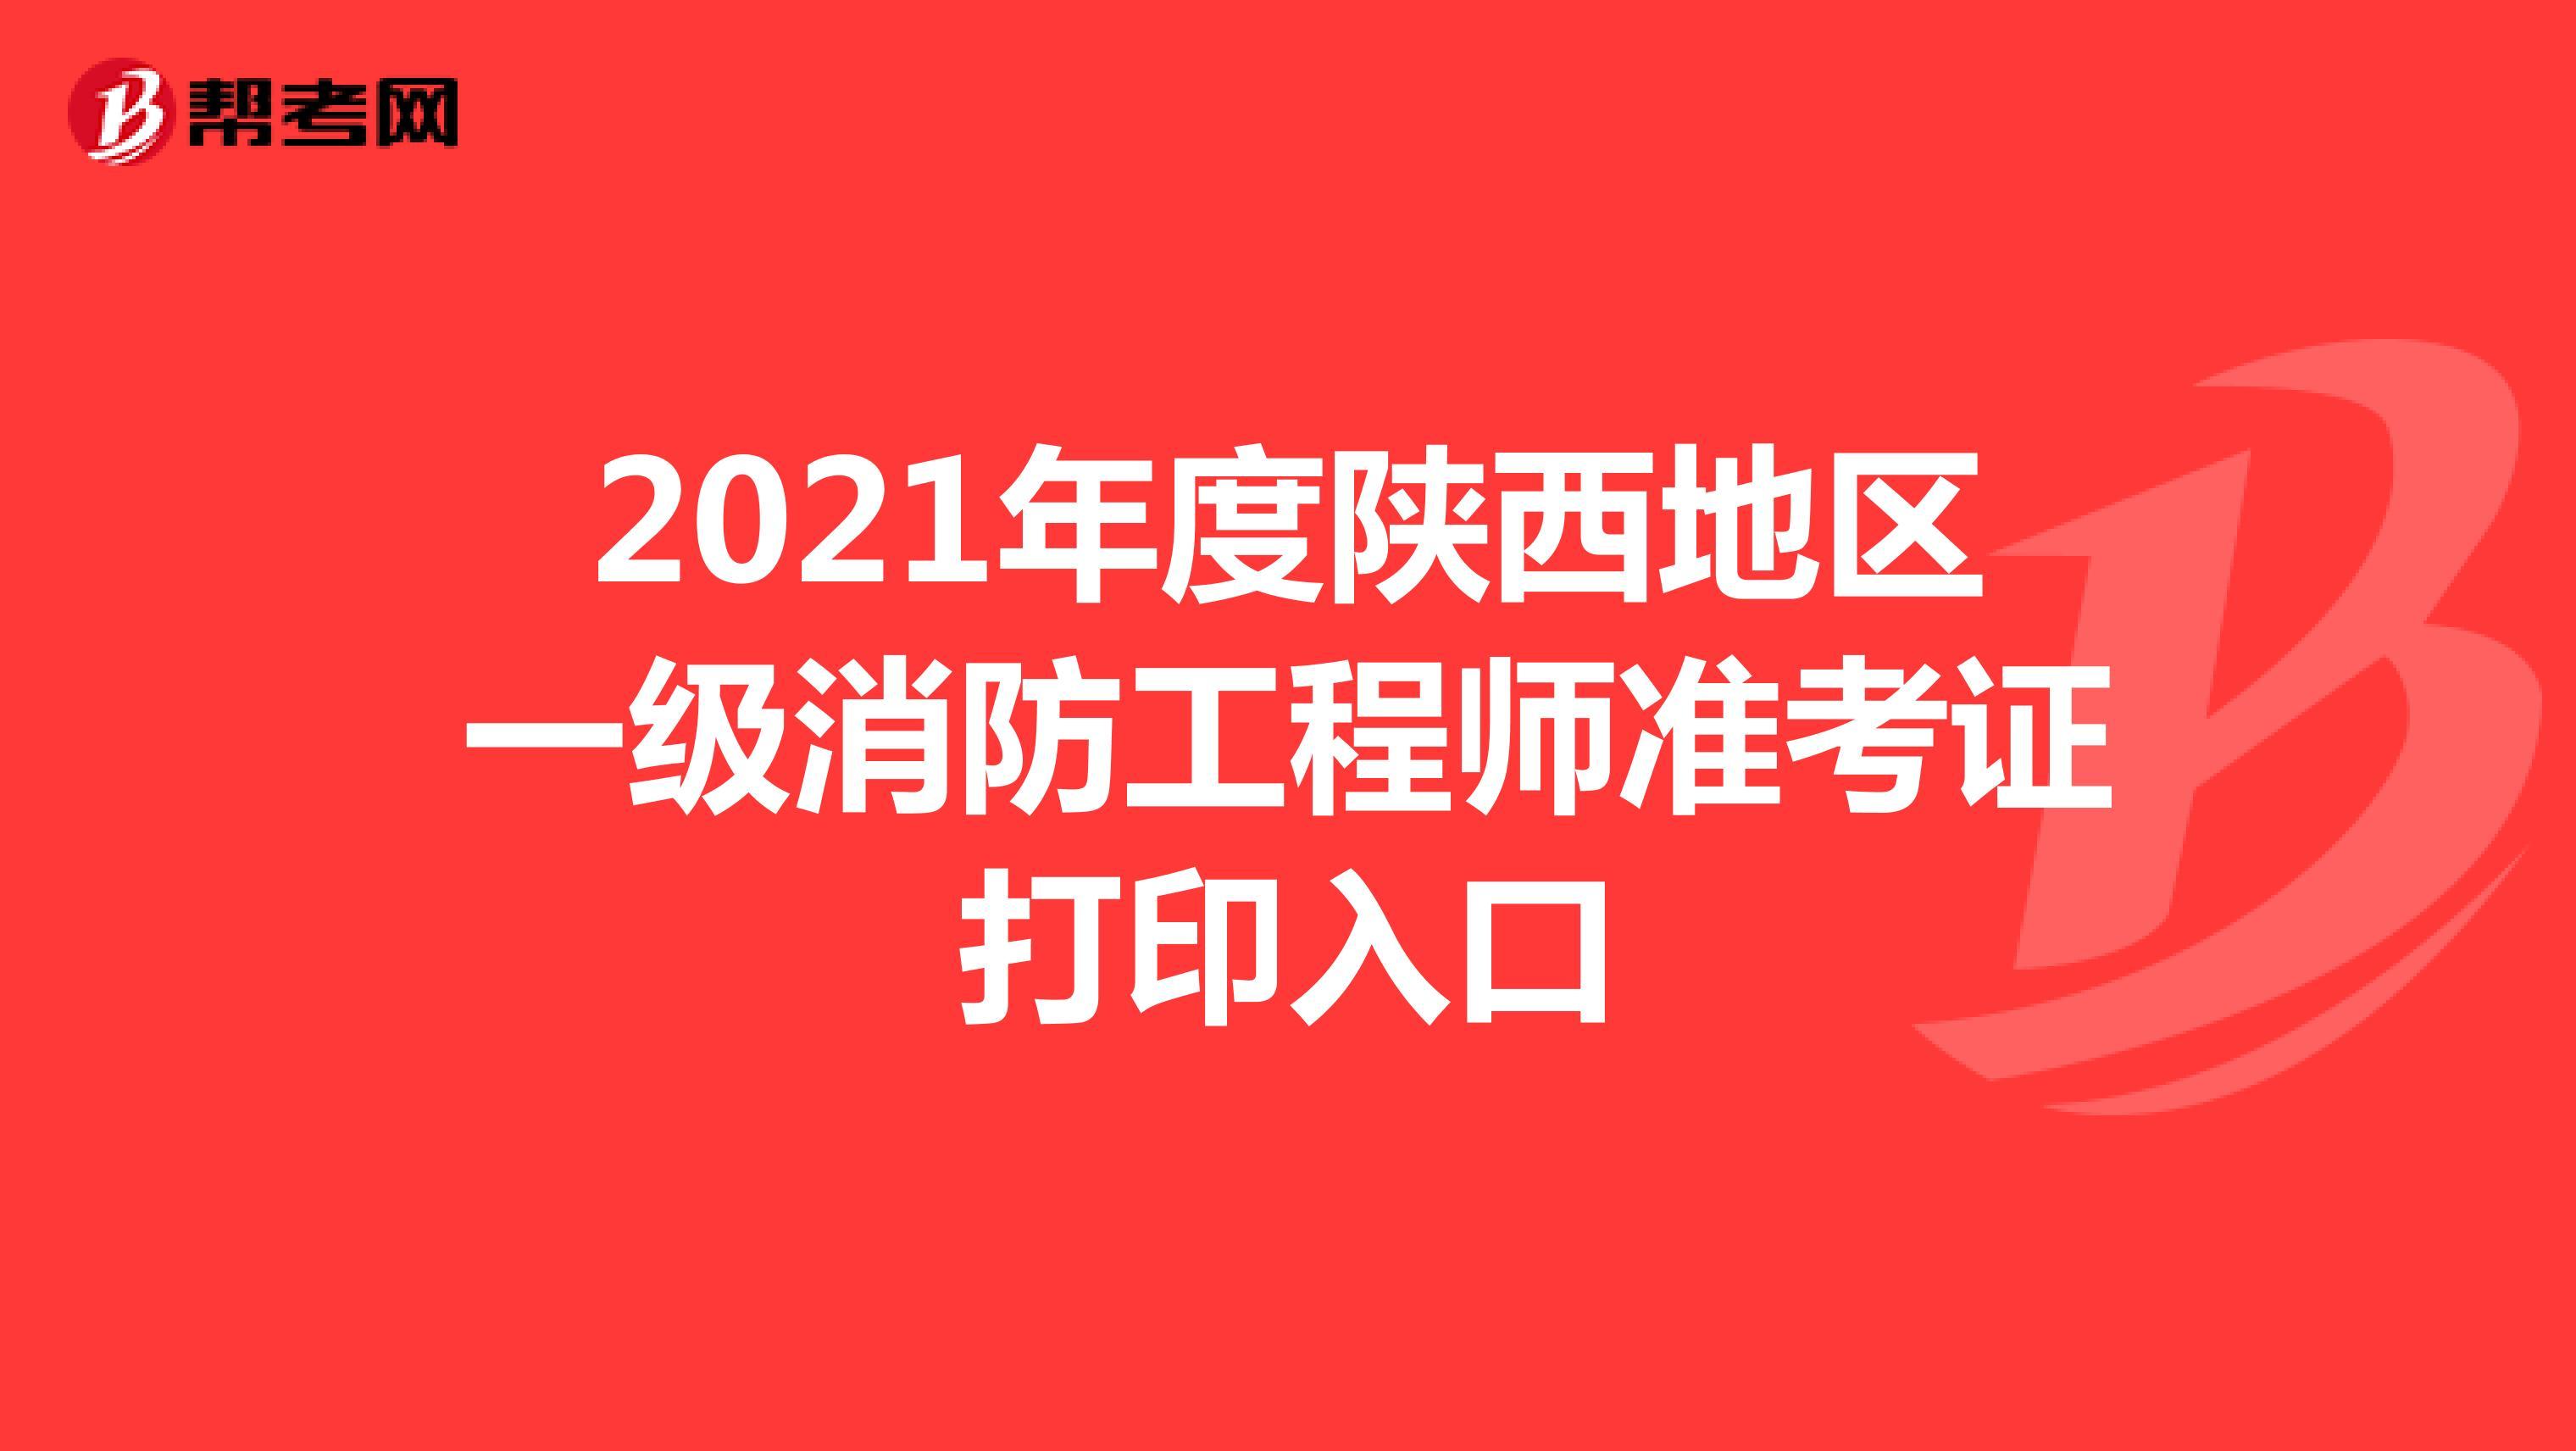 2021年度陕西地区一级消防工程师准考证打印入口